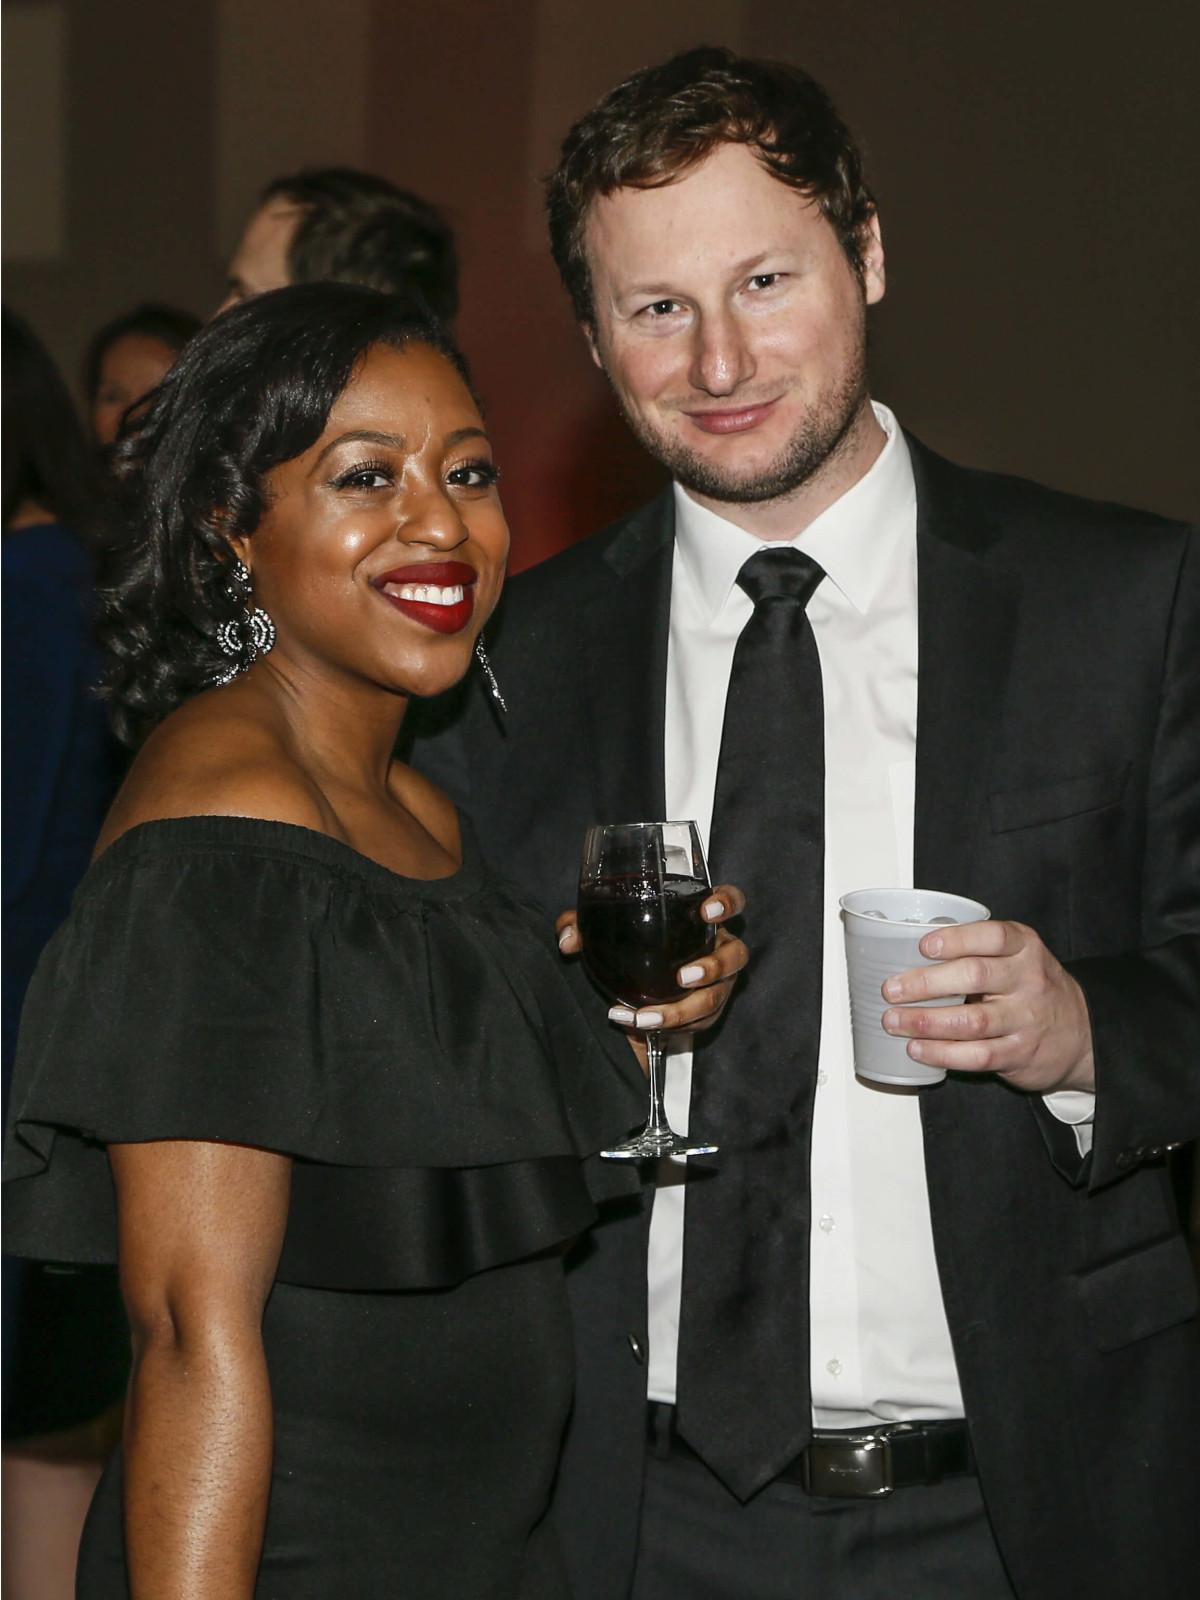 Andrew Johnson, Bianca Sterling